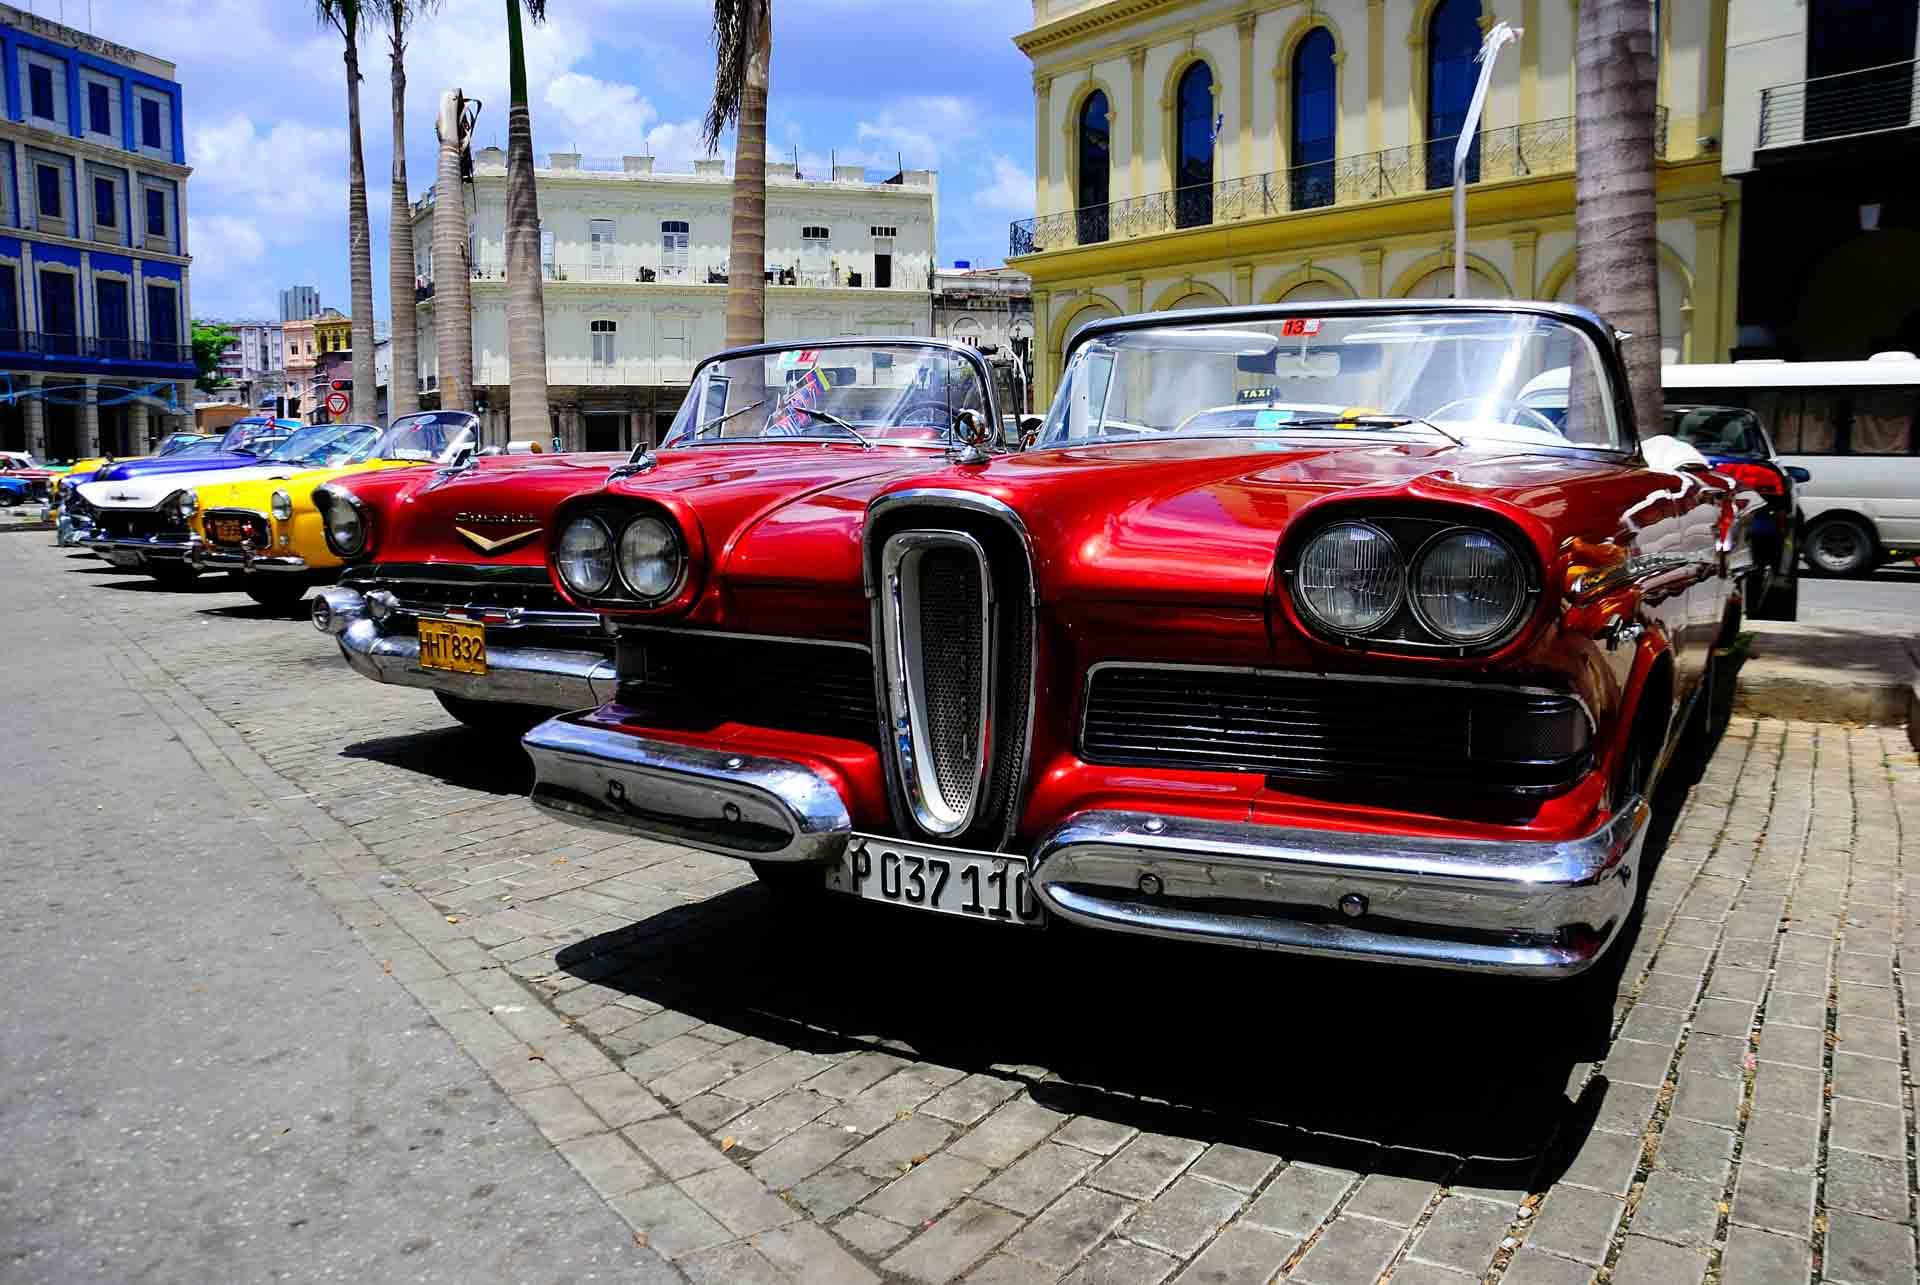 Havana Cuba Vintage Car 1, havana, cuba, pescart, photo blog, travel blog, blog, photo travel blog, enrico pescantini, pescantini